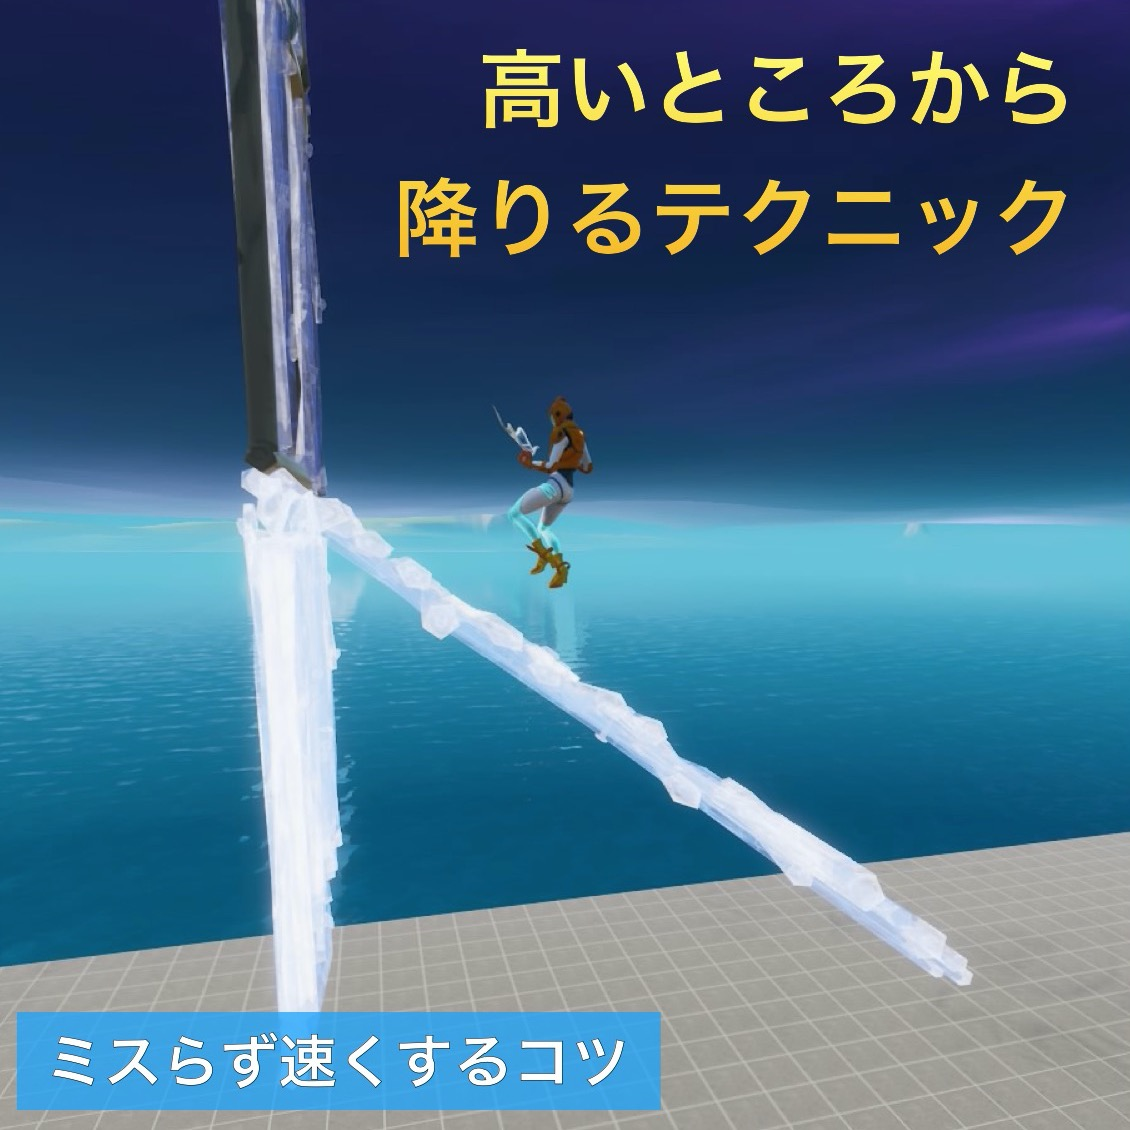 【フォートナイト】高いところから降りる方法(落下建築のコツ)